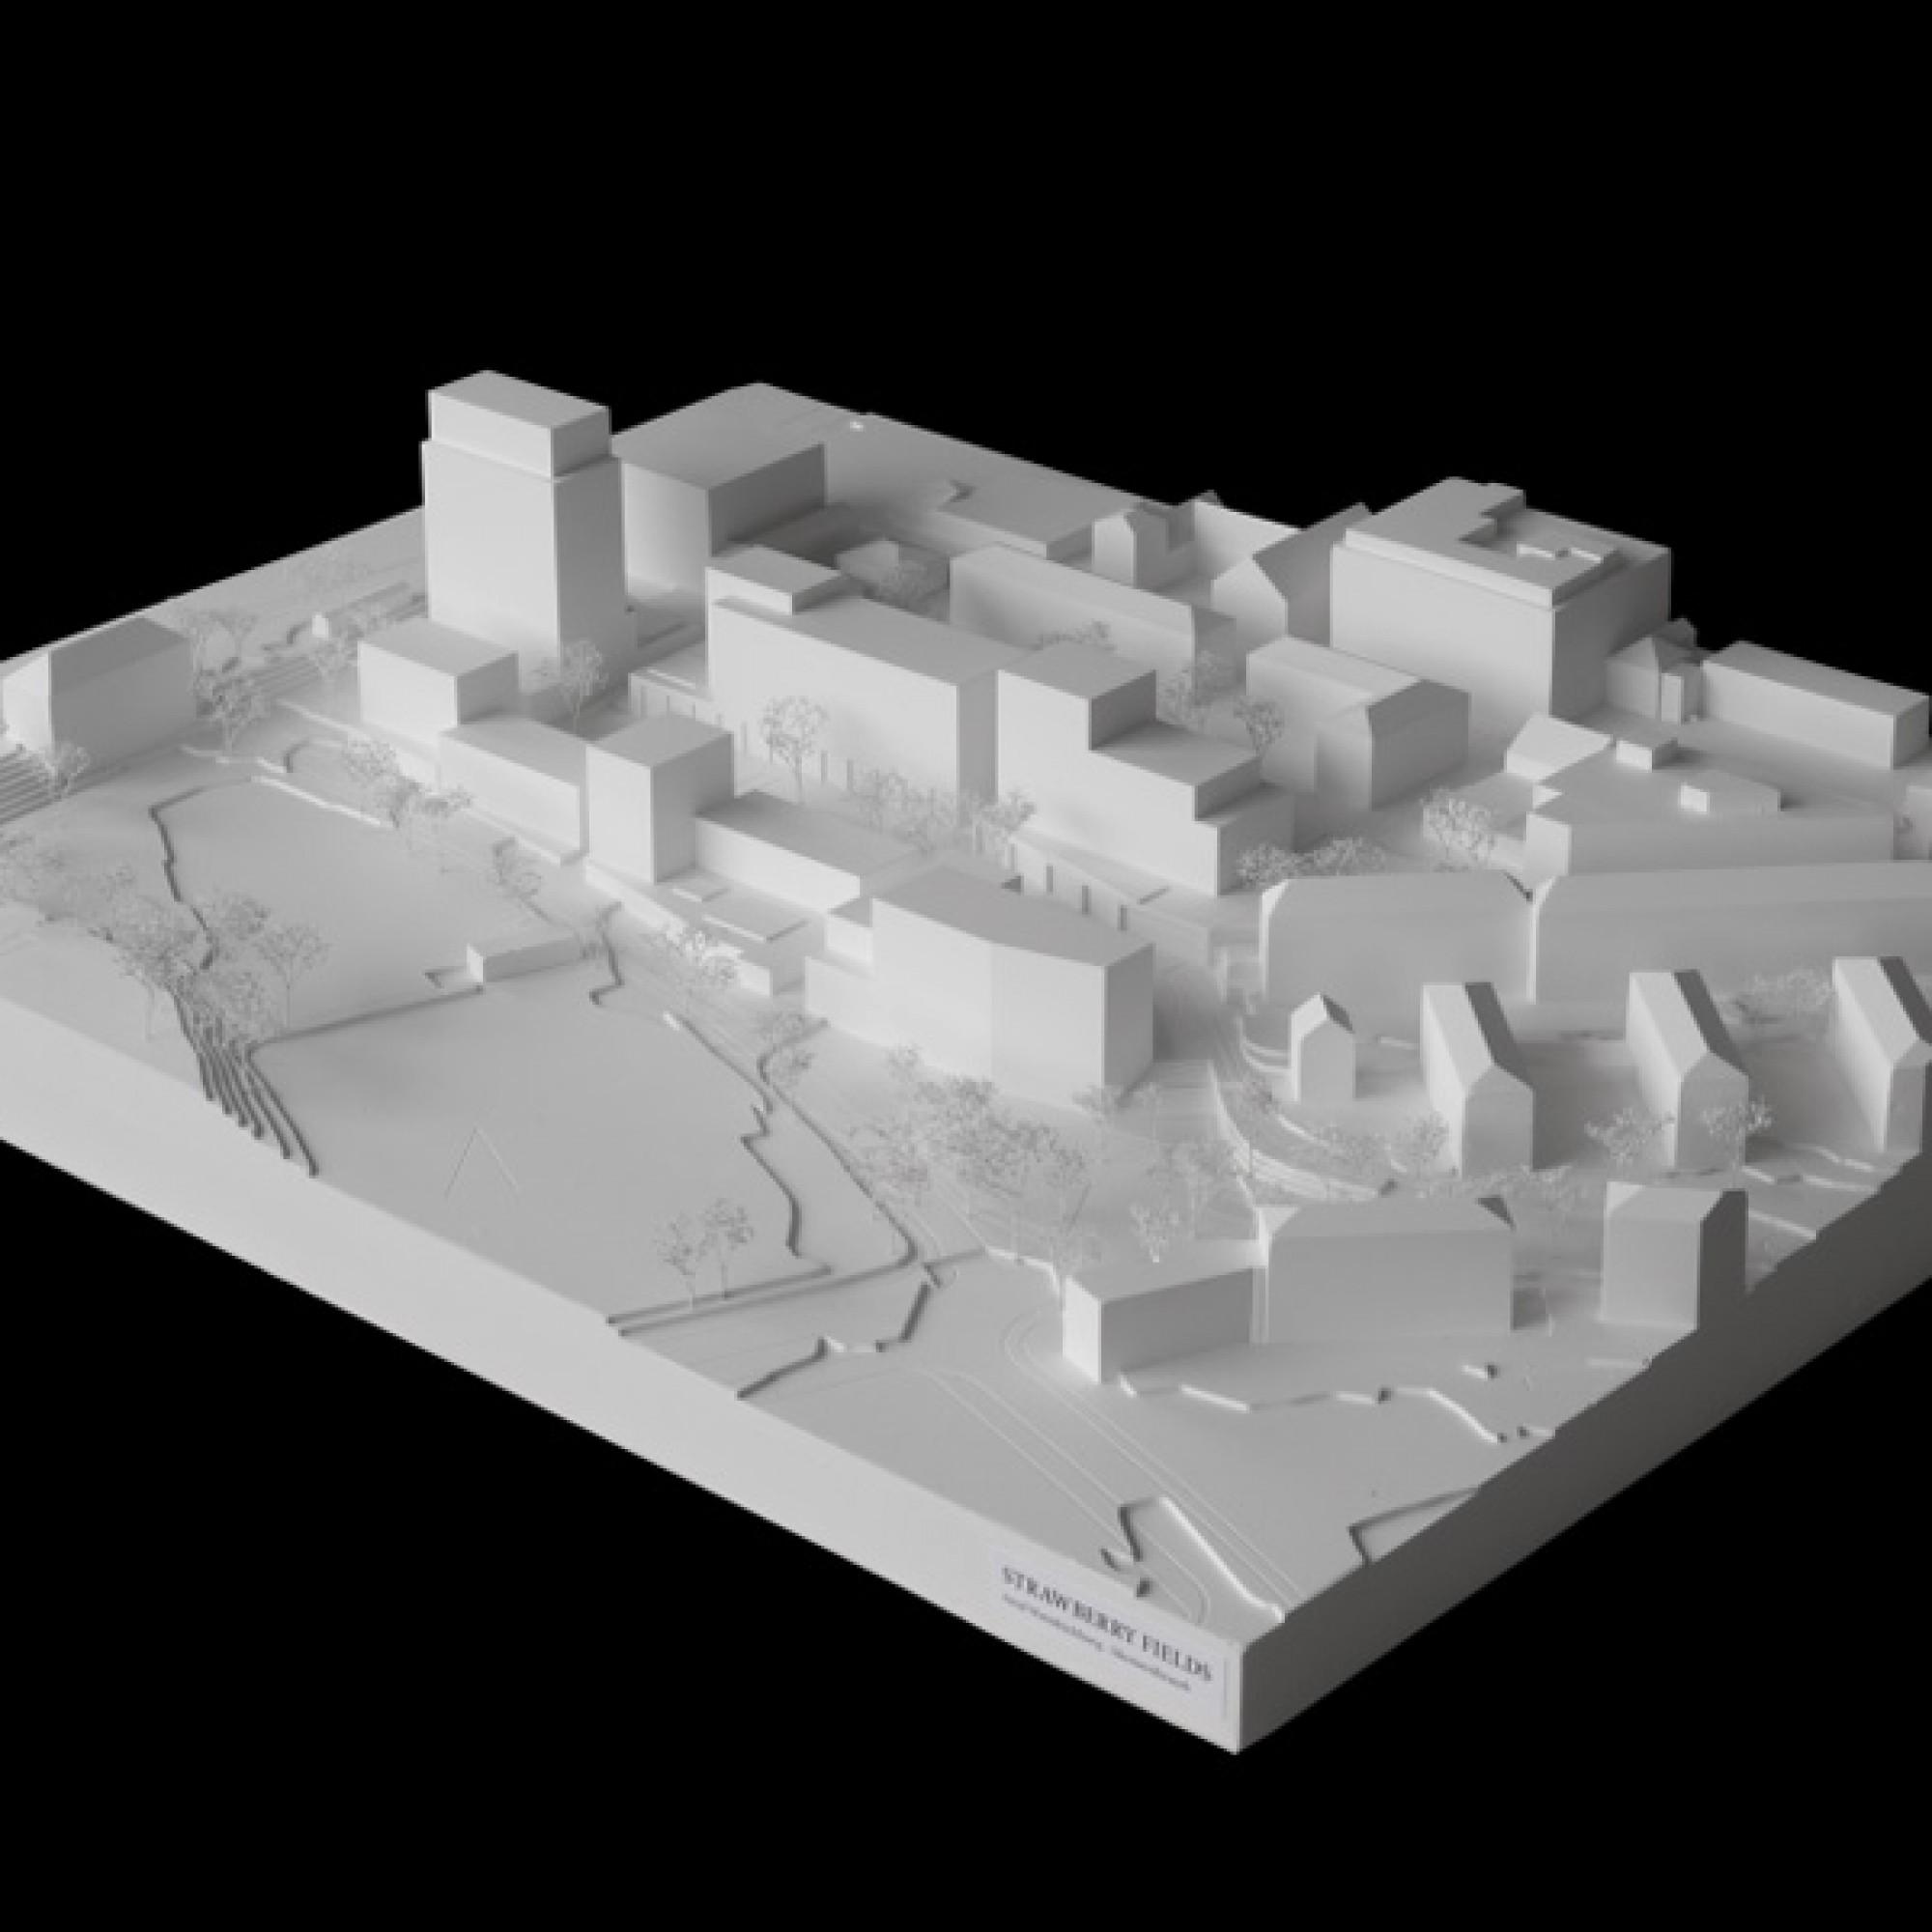 Modell des Siegerprojekts (zvg)